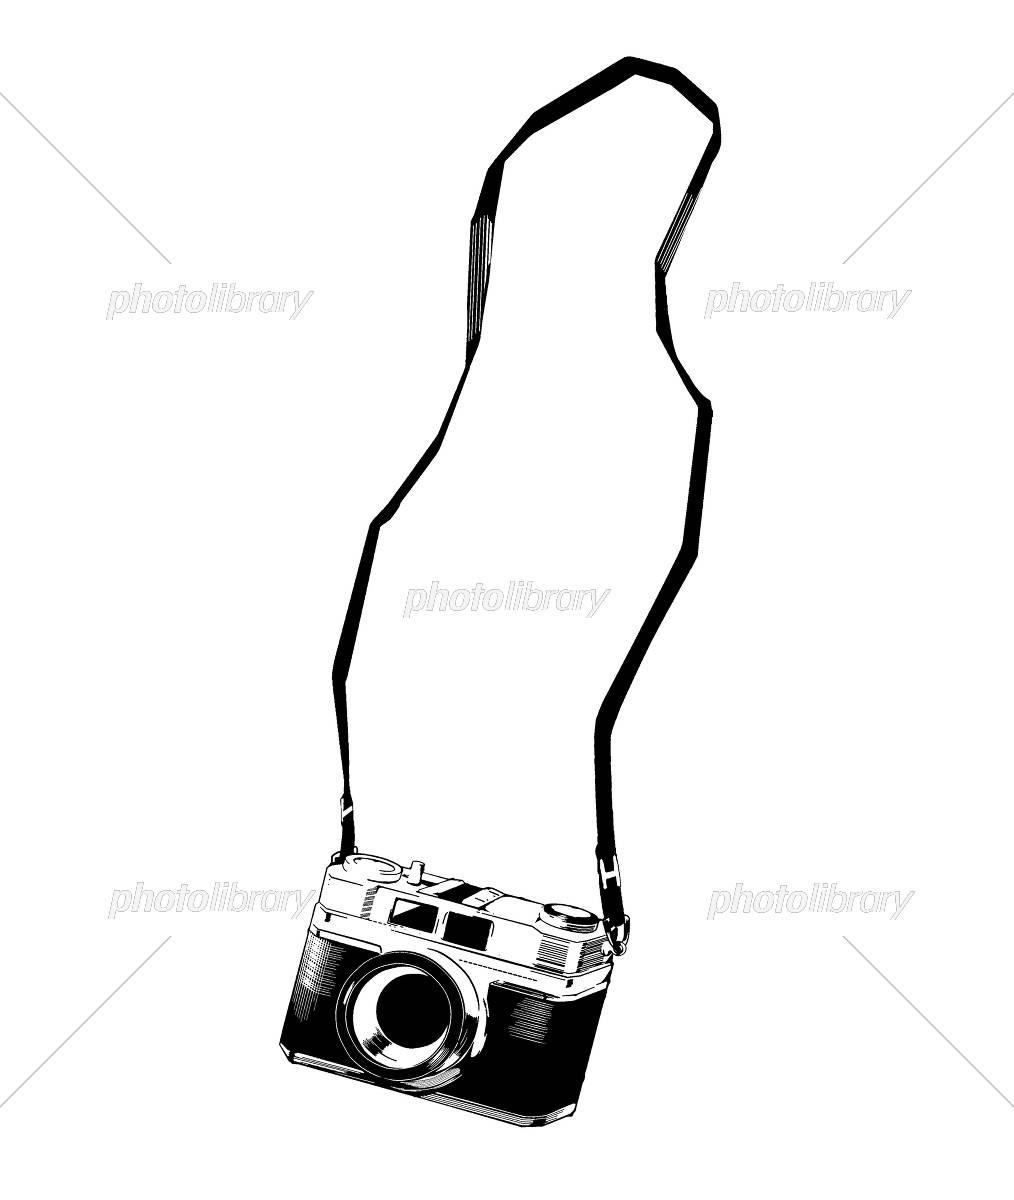 レトロなカメラのイラスト ストラップ付き イラスト素材 5385039